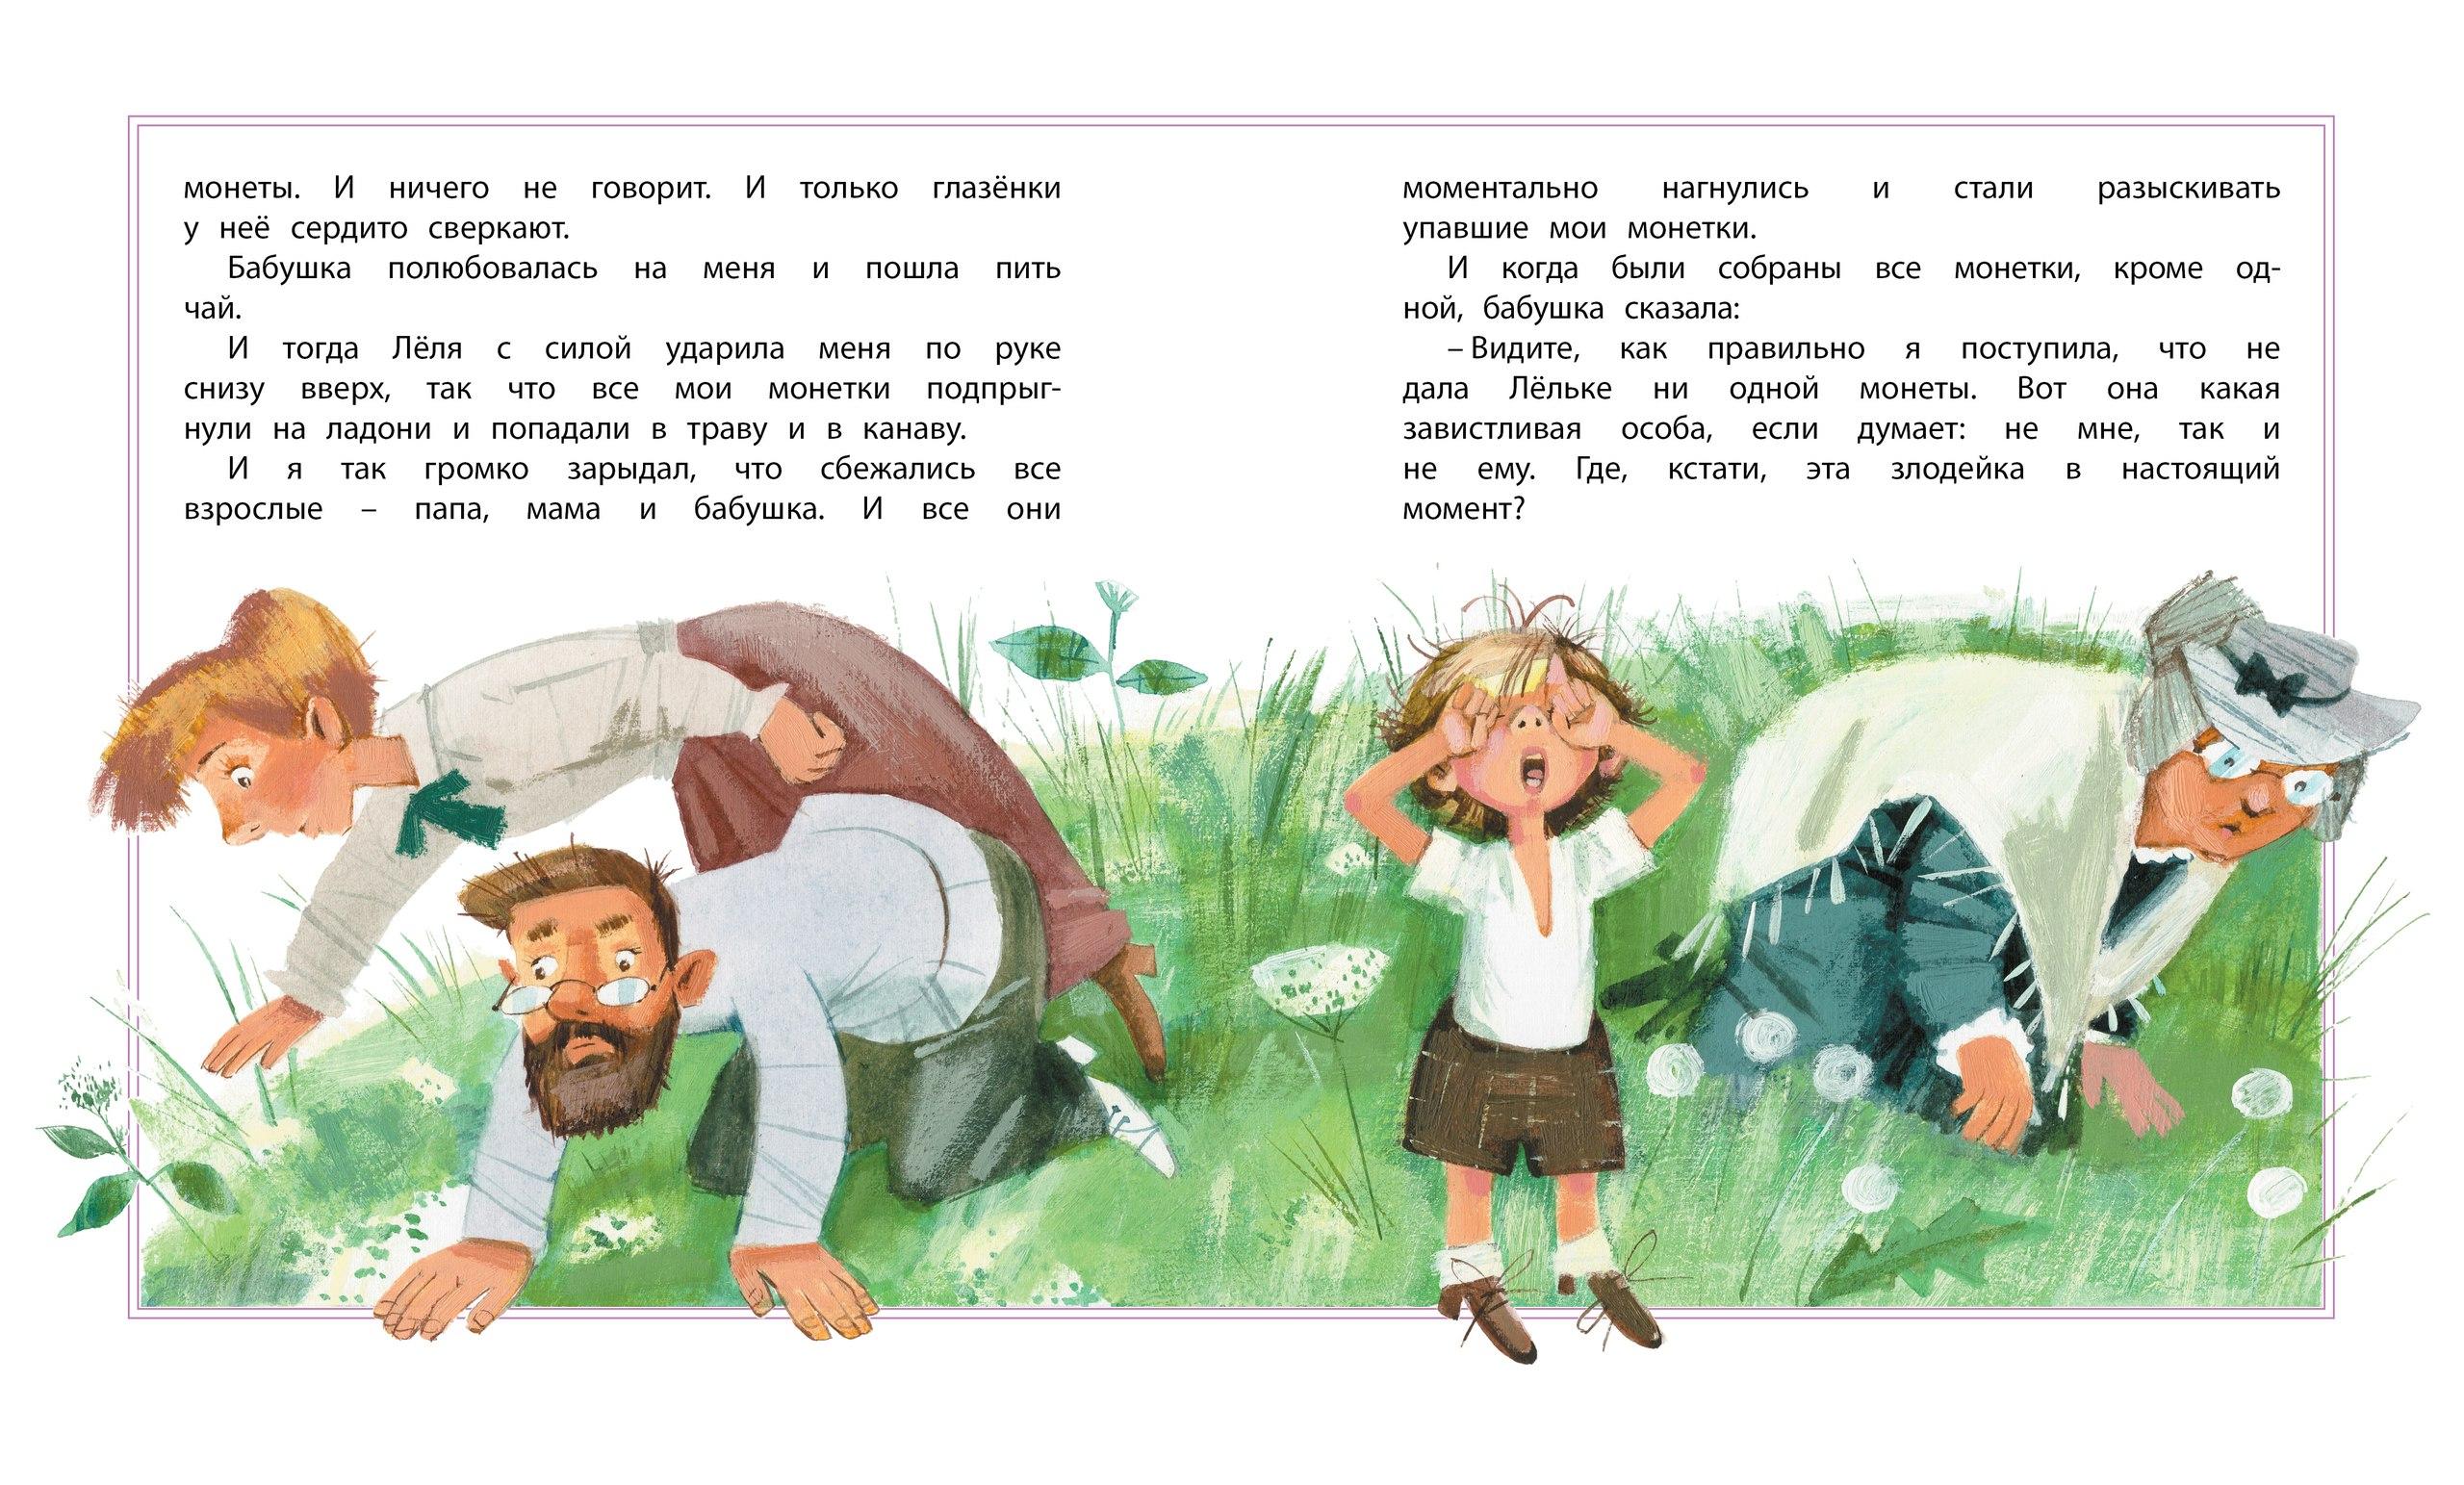 Краткое содержание Бабушкин подарок Зощенко для 7